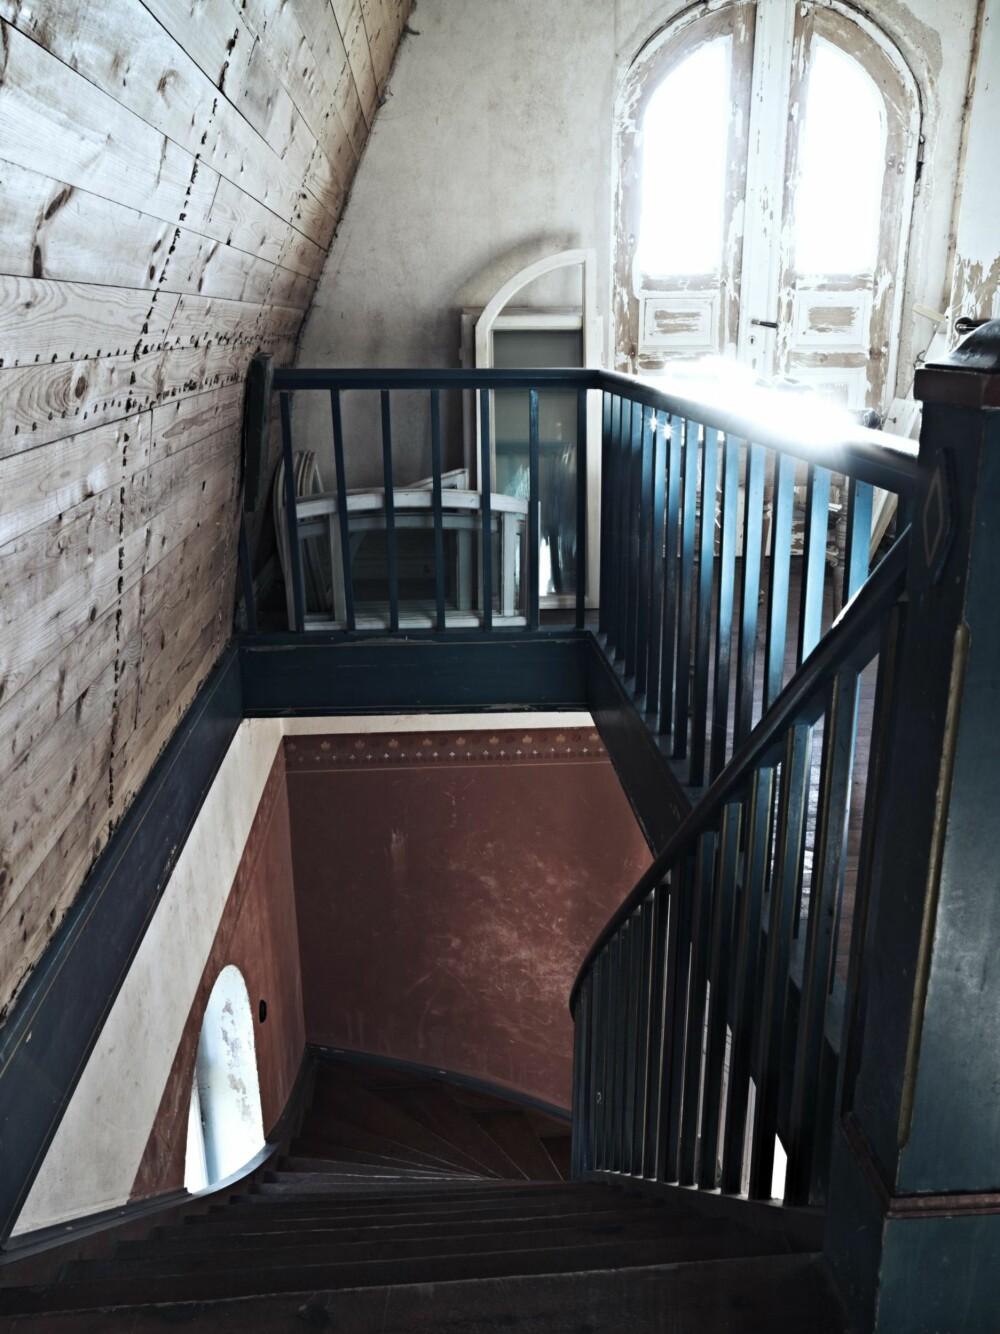 ANDRE ETASJE: Trappen leder opp til en stue som ligger mellom soverommene i andre etasje.